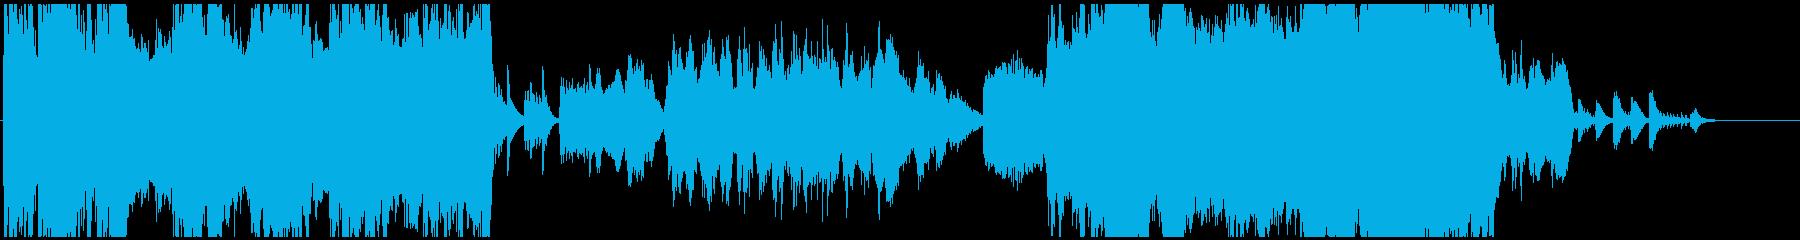 オーケストラでファンタジー風OP曲の再生済みの波形